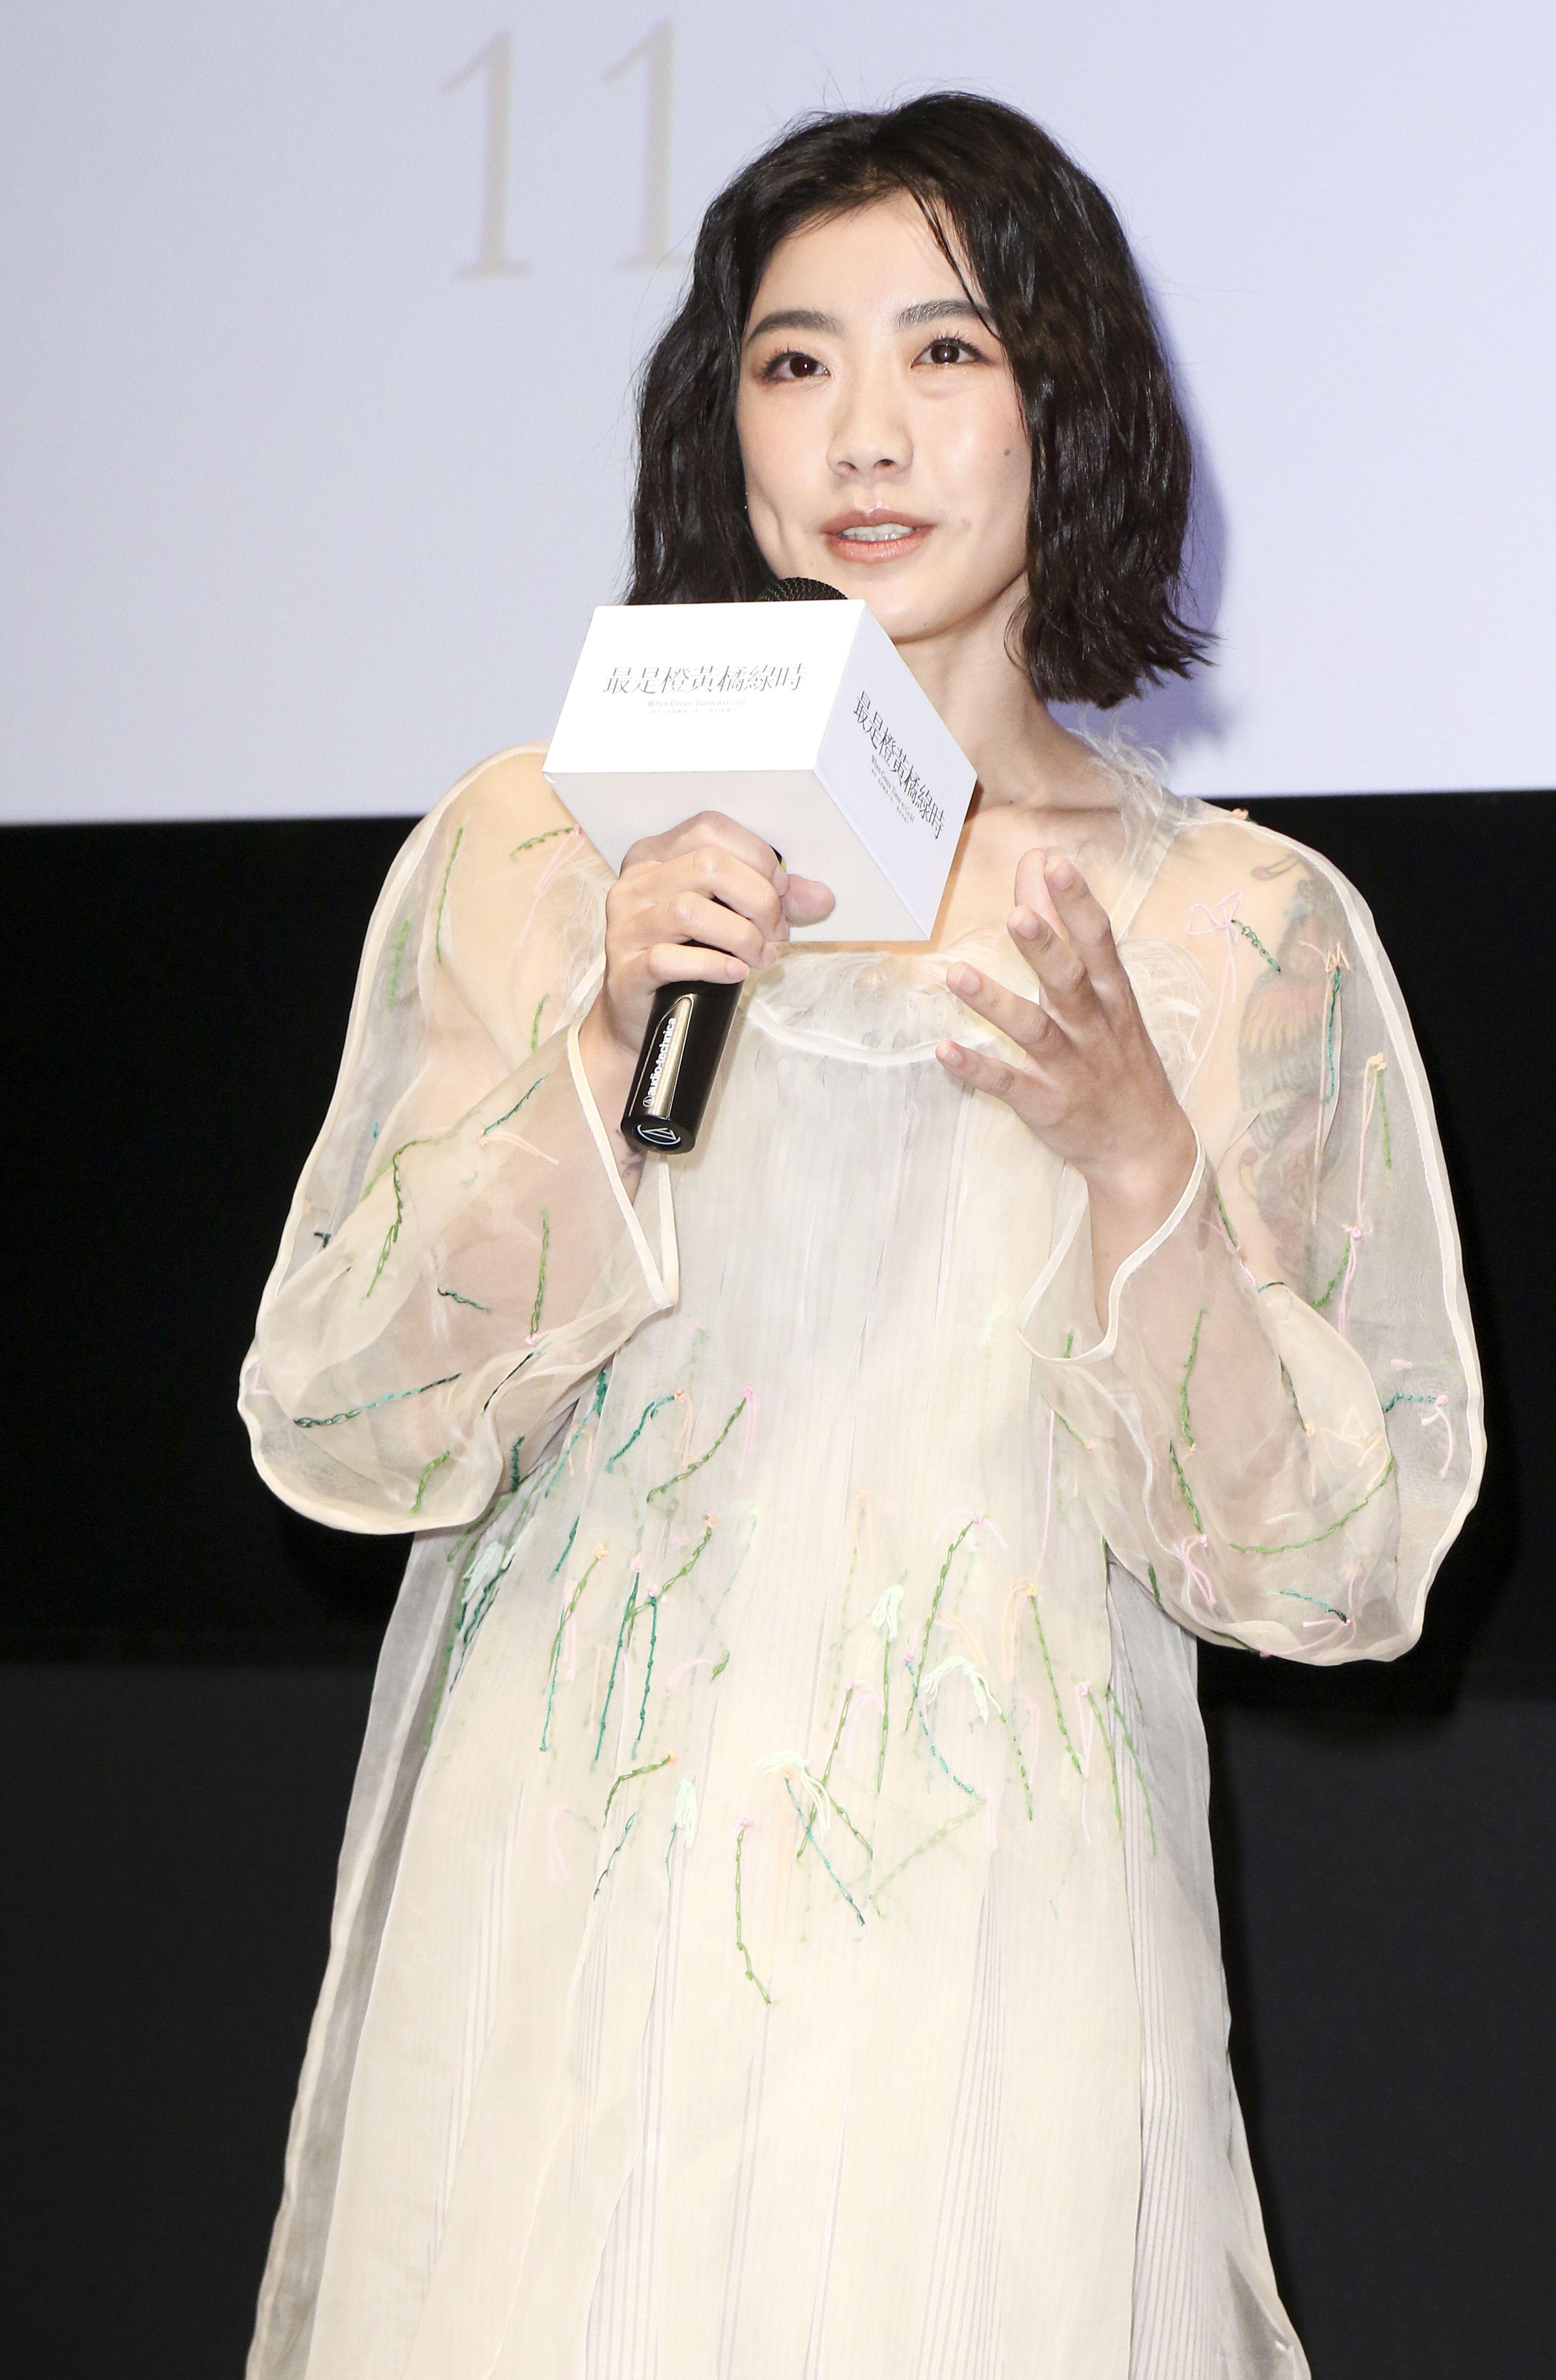 「最是橙黃橘綠時」電影發佈會演員翁嘉薇。(記者林士傑/攝影)